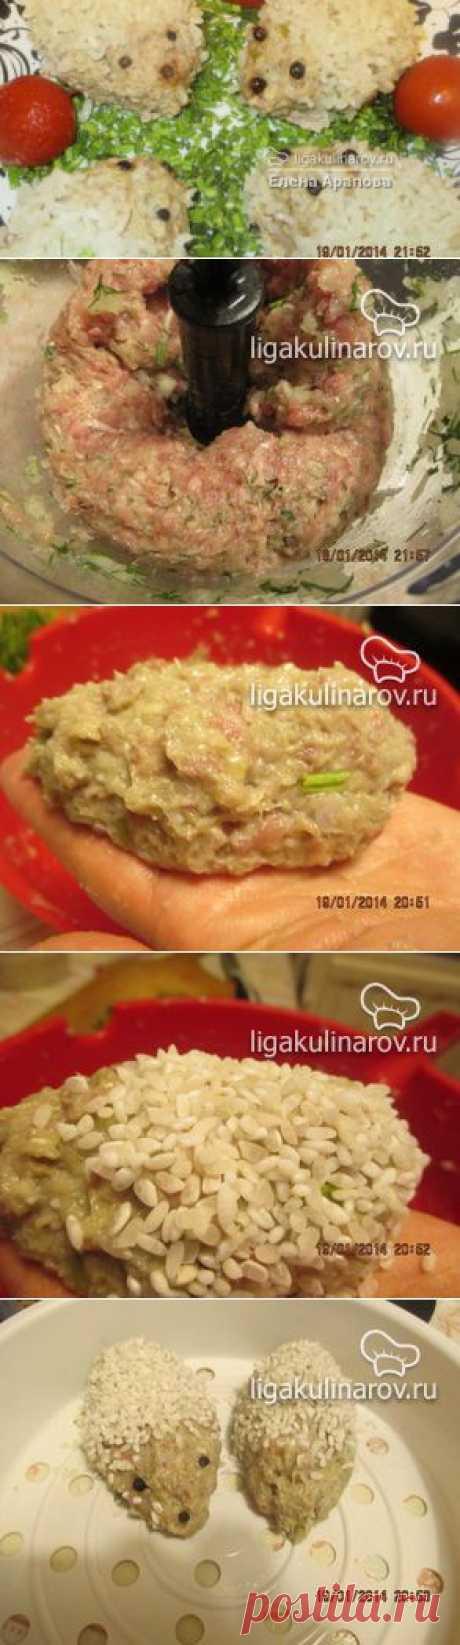 """Мясные ежики с рисом """"Забава"""", рецепт пошаговый от Лиги Кулинаров. Рецепт мясных ежиков с рисом """"Забава"""", рецепты Лиги Кулинаров."""